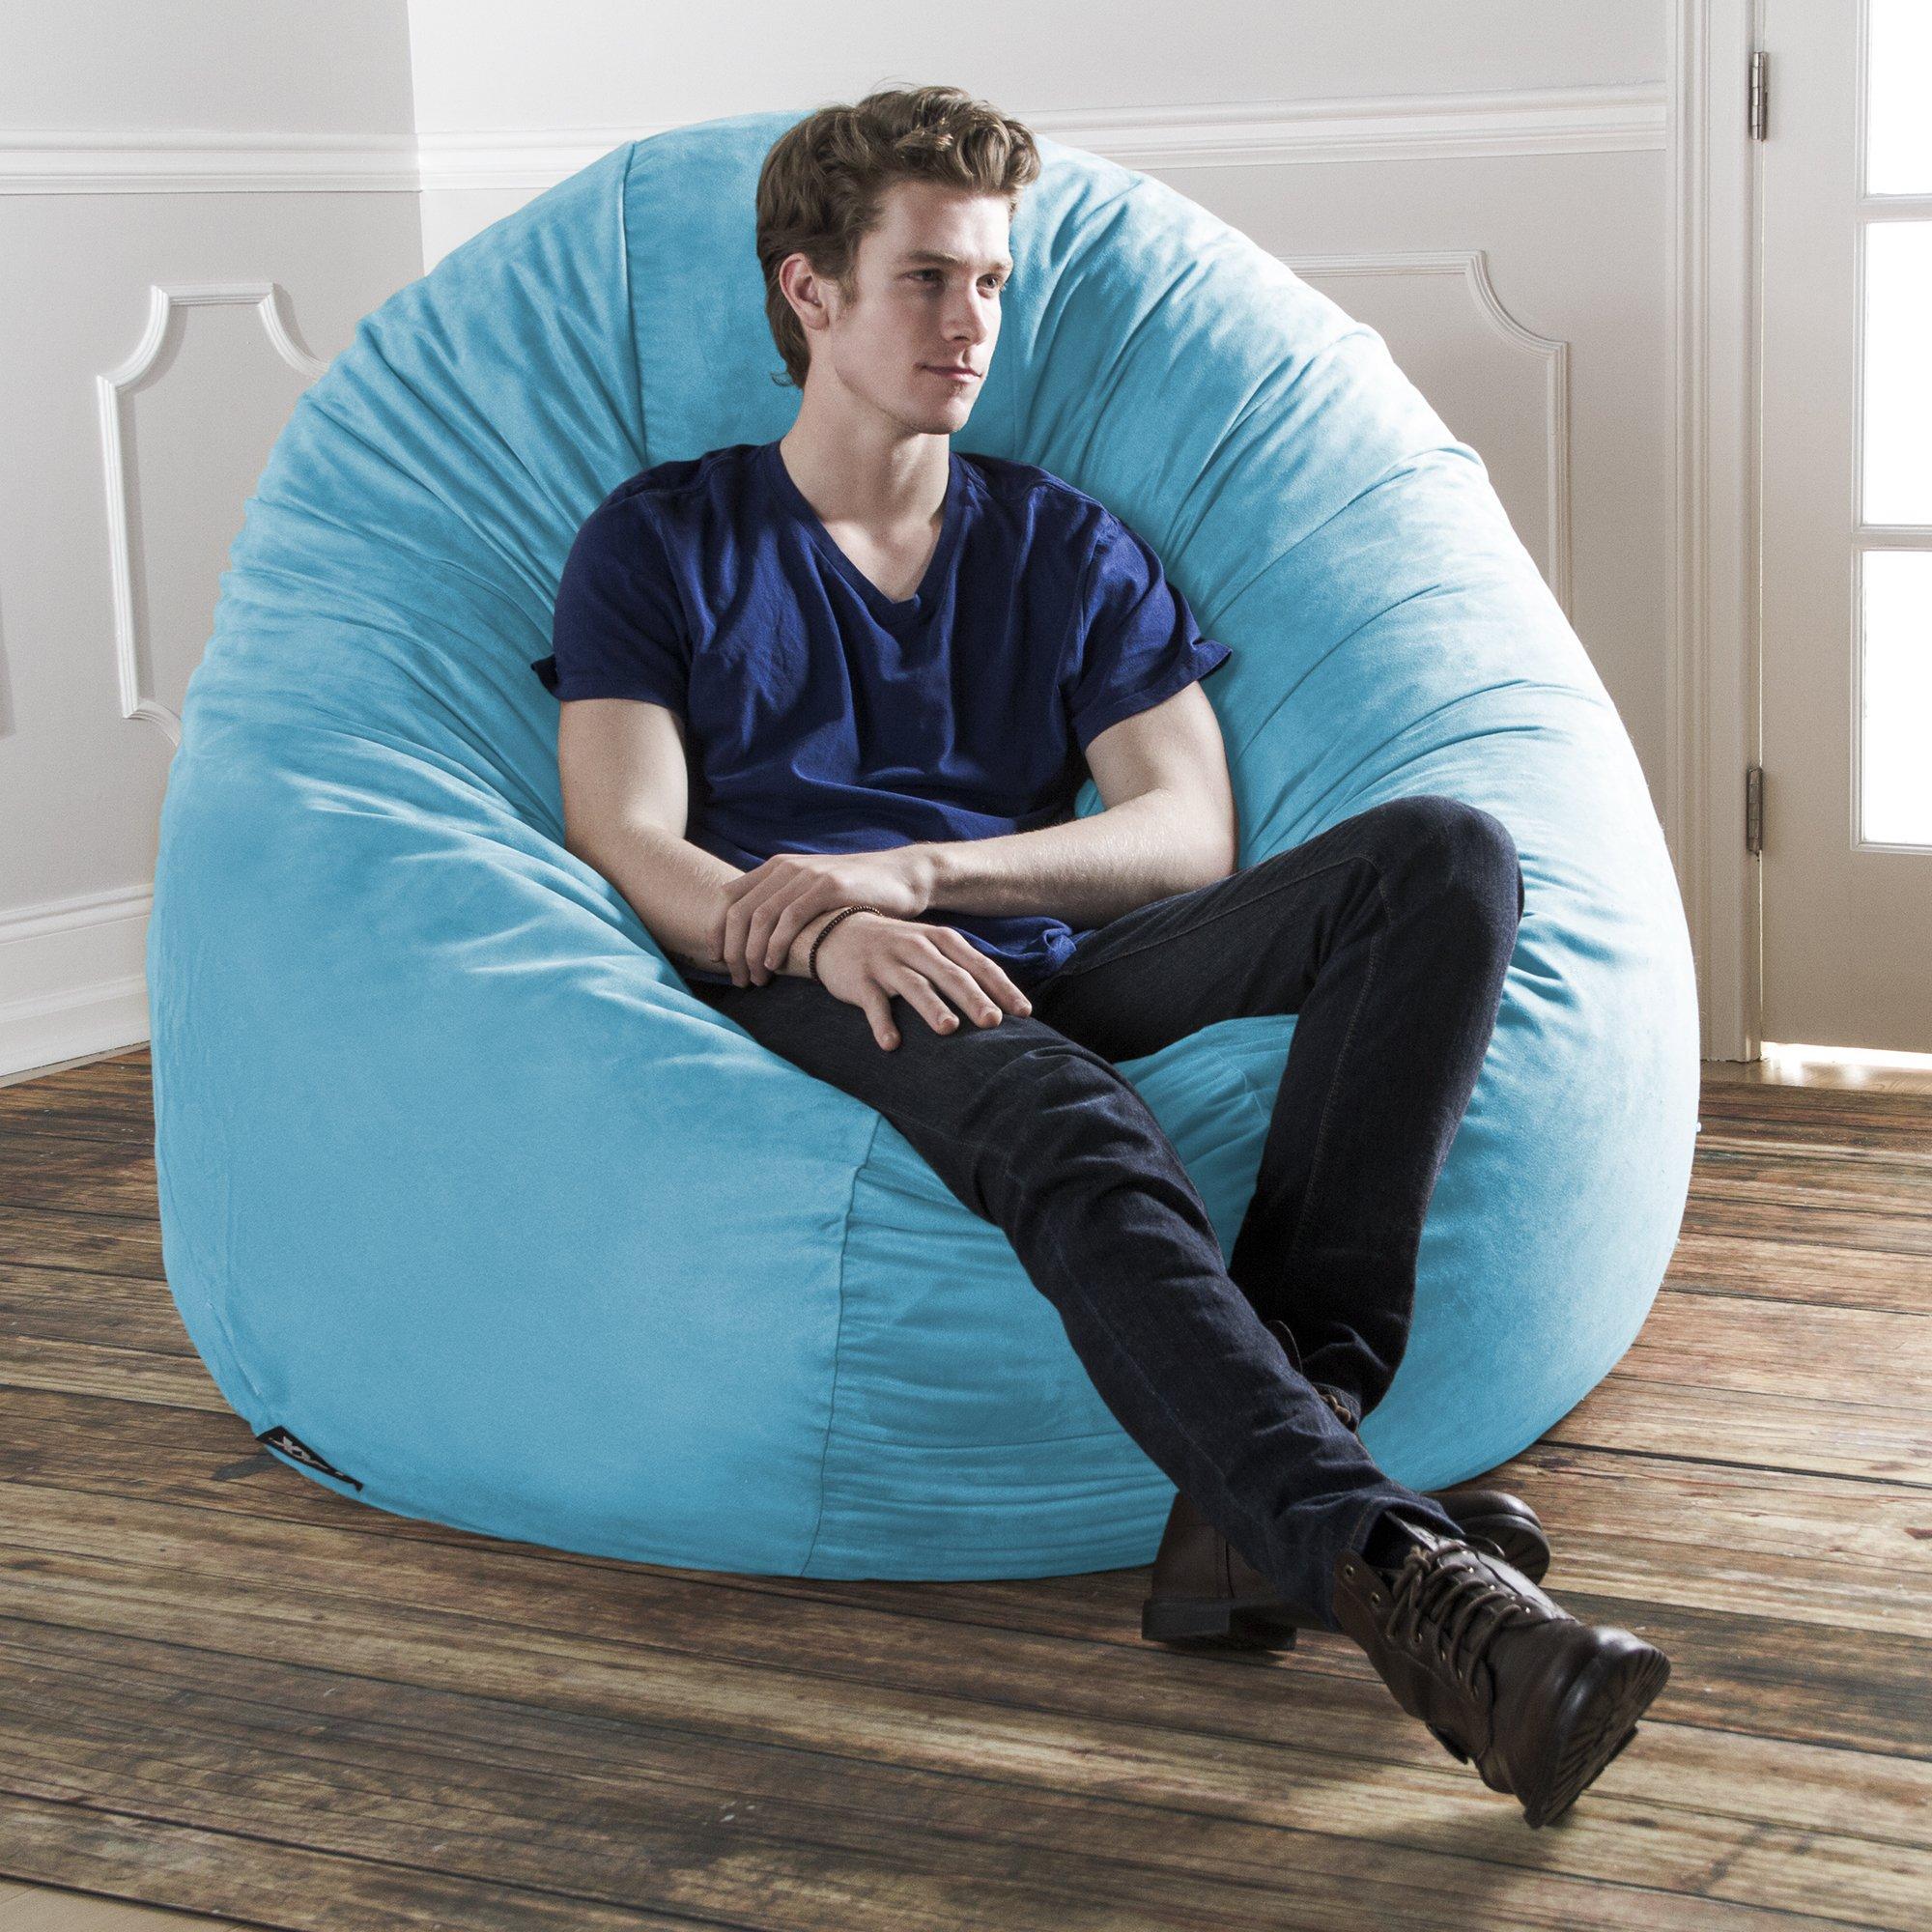 Jaxx 6 Foot Cocoon - Large Bean Bag Chair for Adults, Aqua